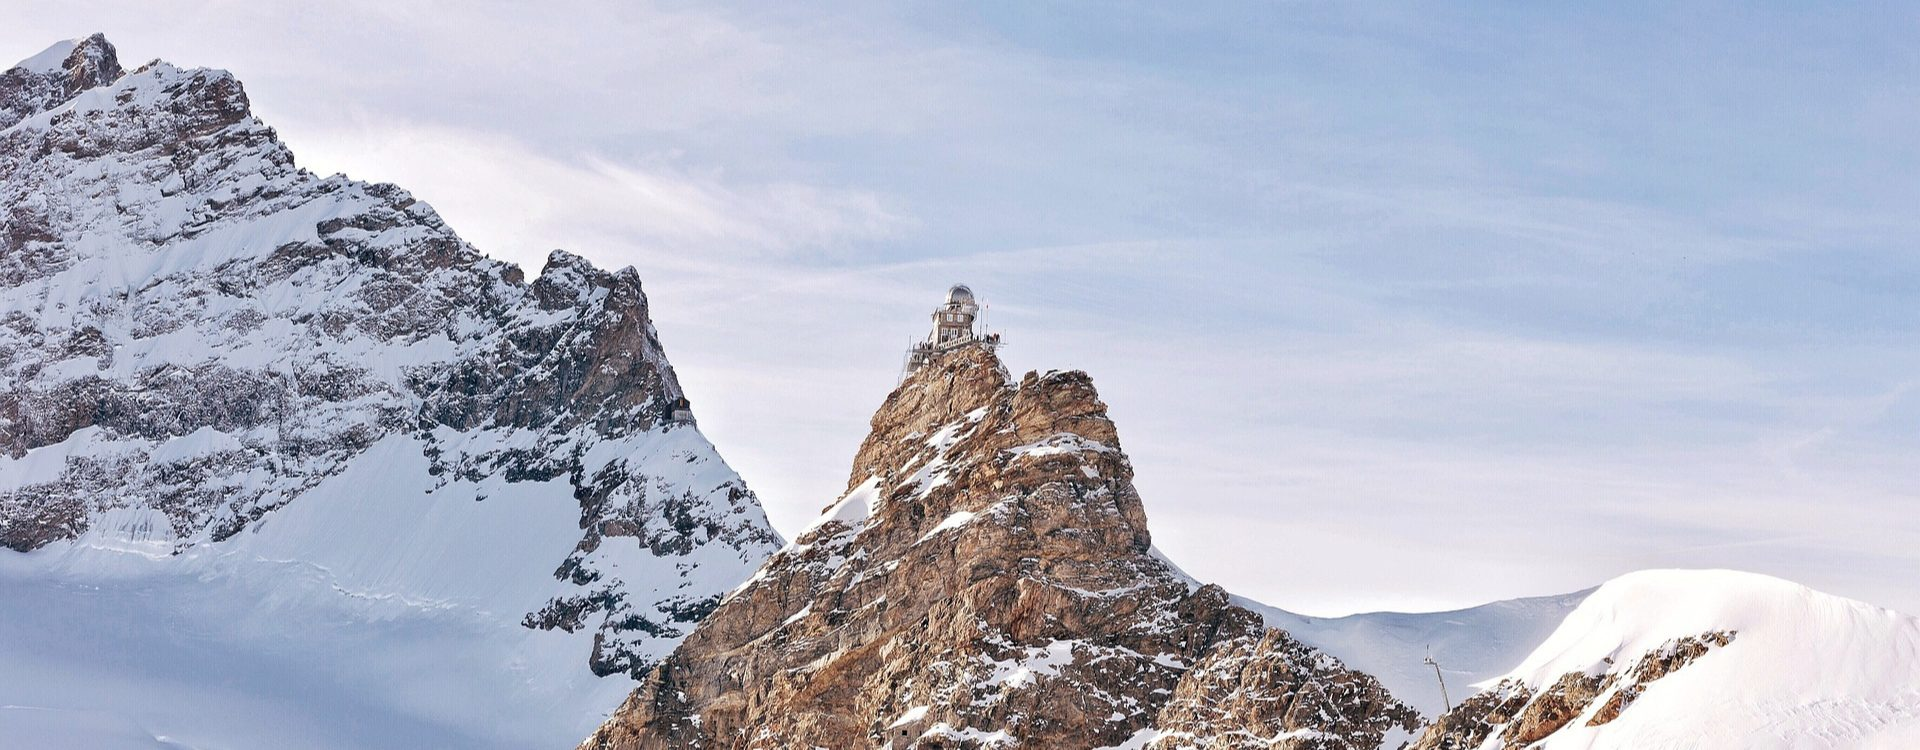 Suisse - Le tour des Dents du Midi - Les matins du monde